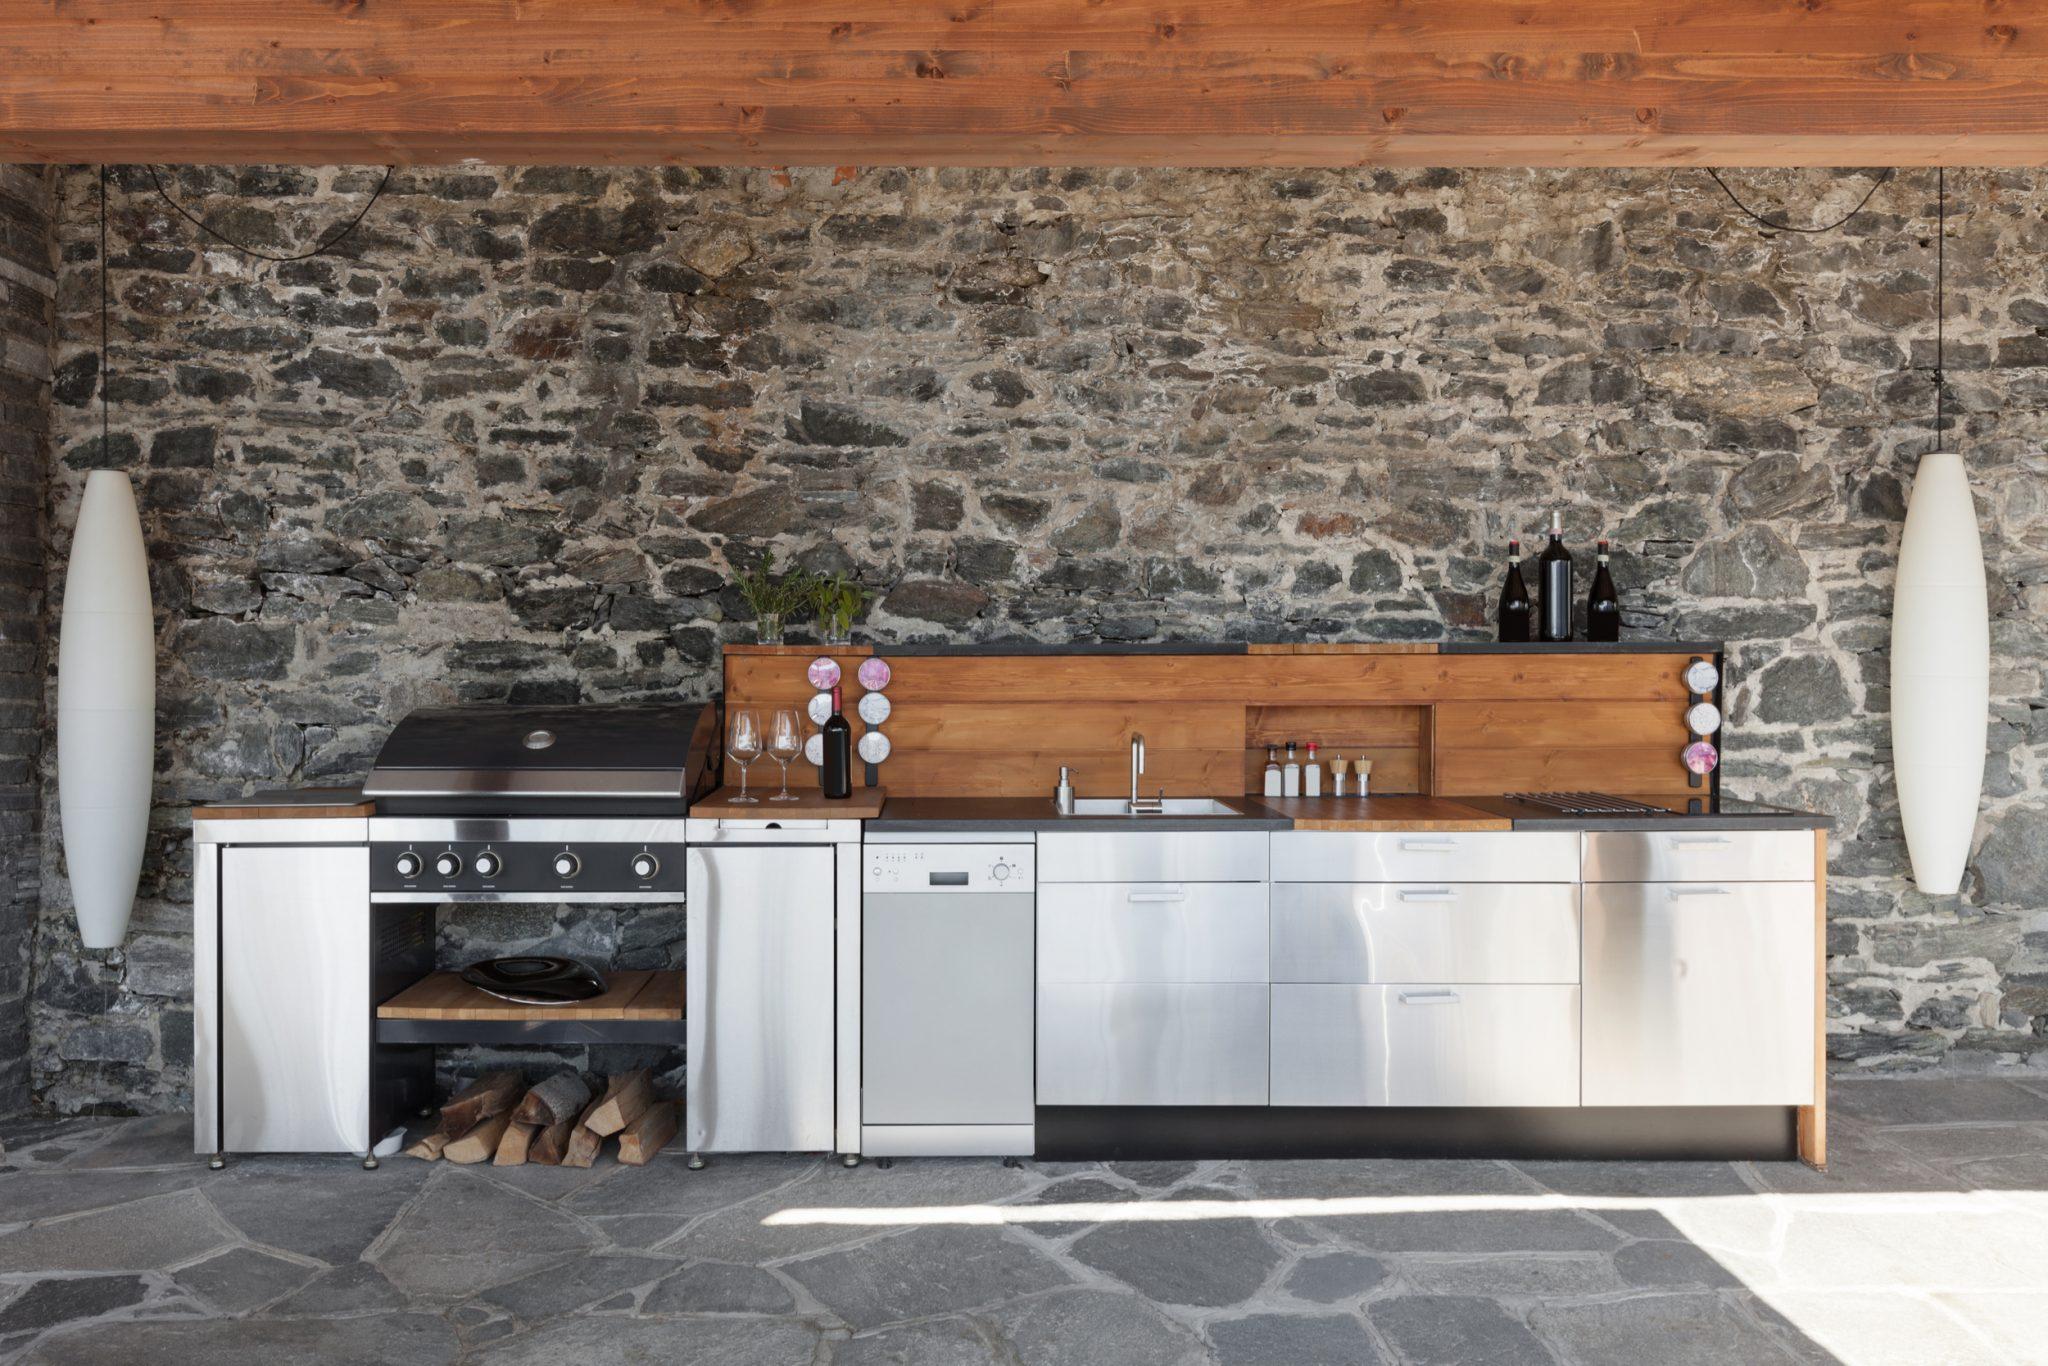 outdoor kitchen accessories